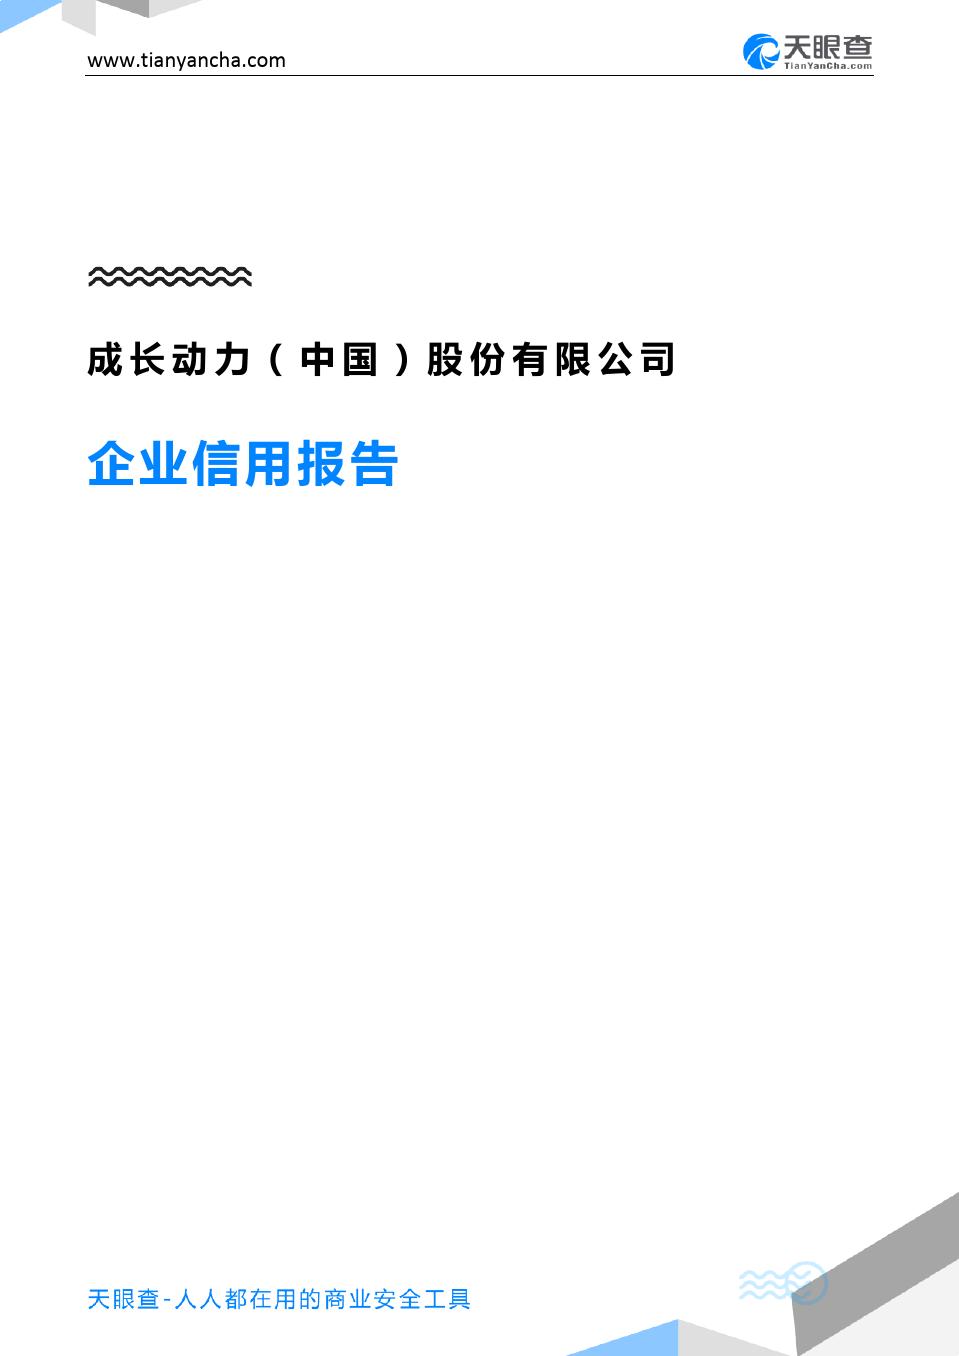 成长动力(中国)股份有限公司(企业信用报告)- 天眼查